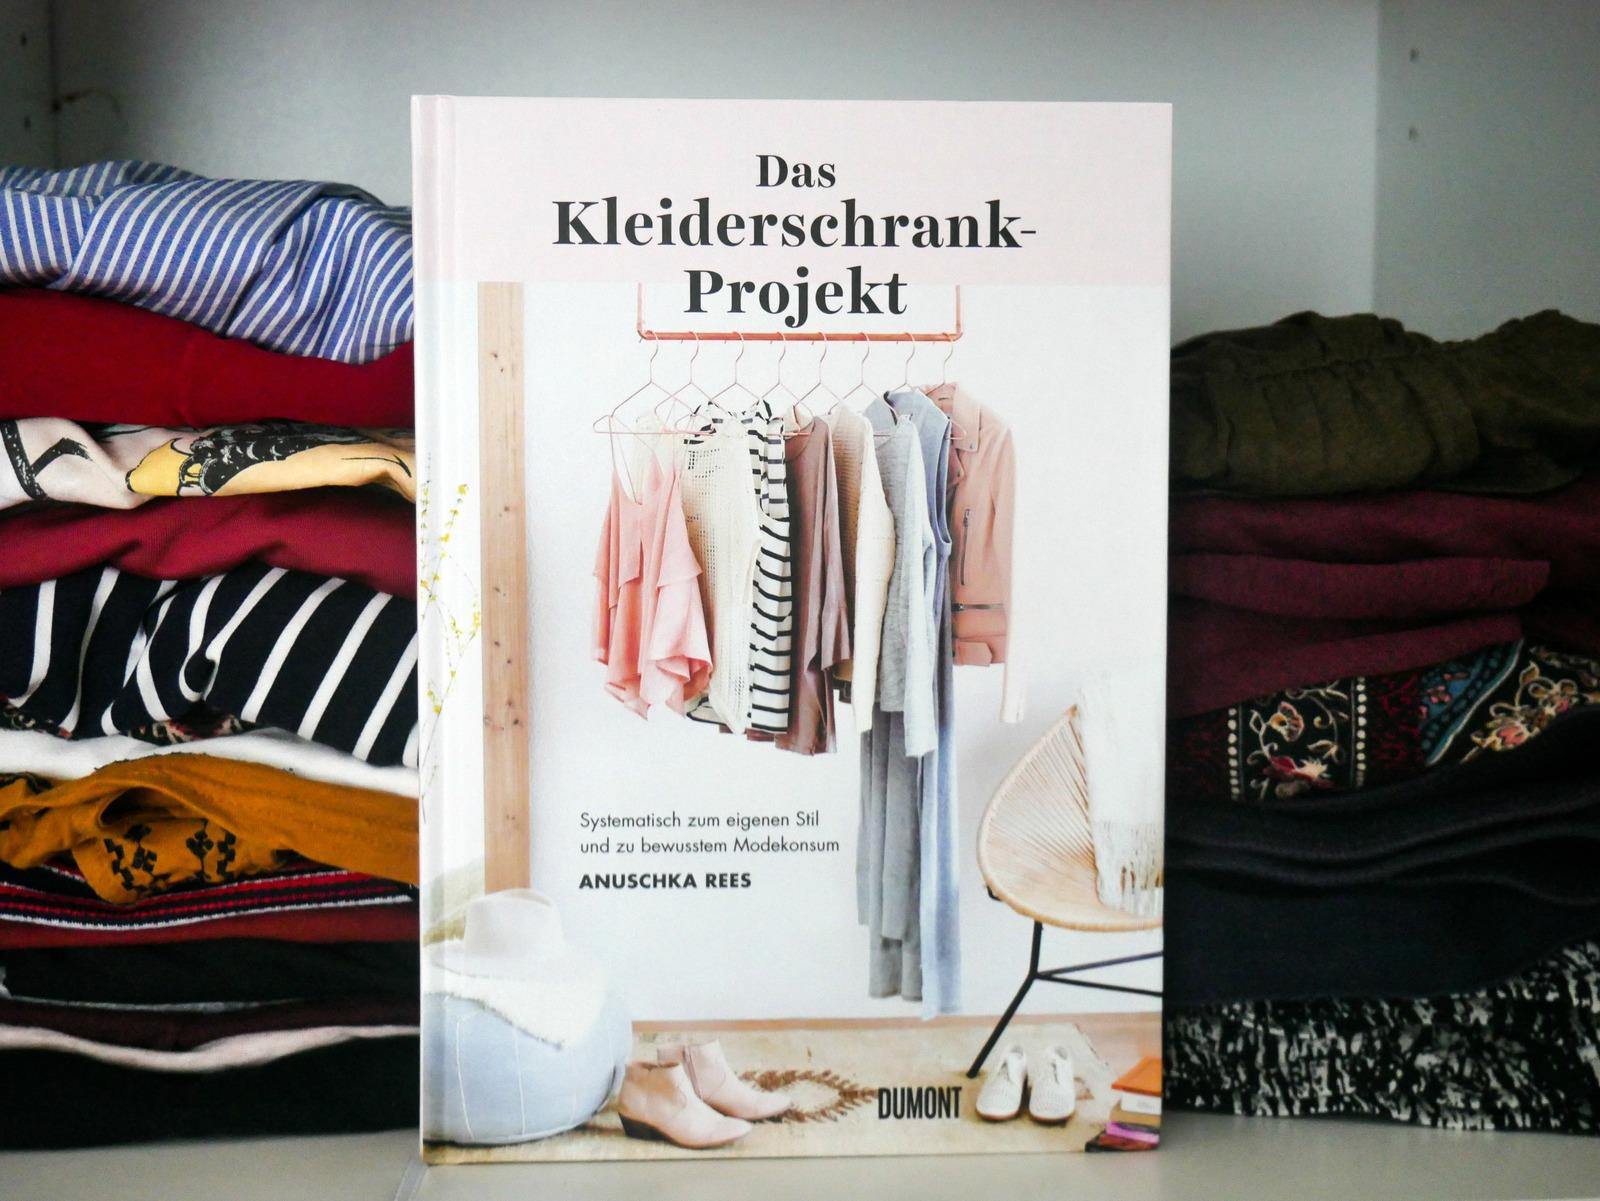 Das Kleiderschrank Projekt Von Anuschka Rees Buch Wort